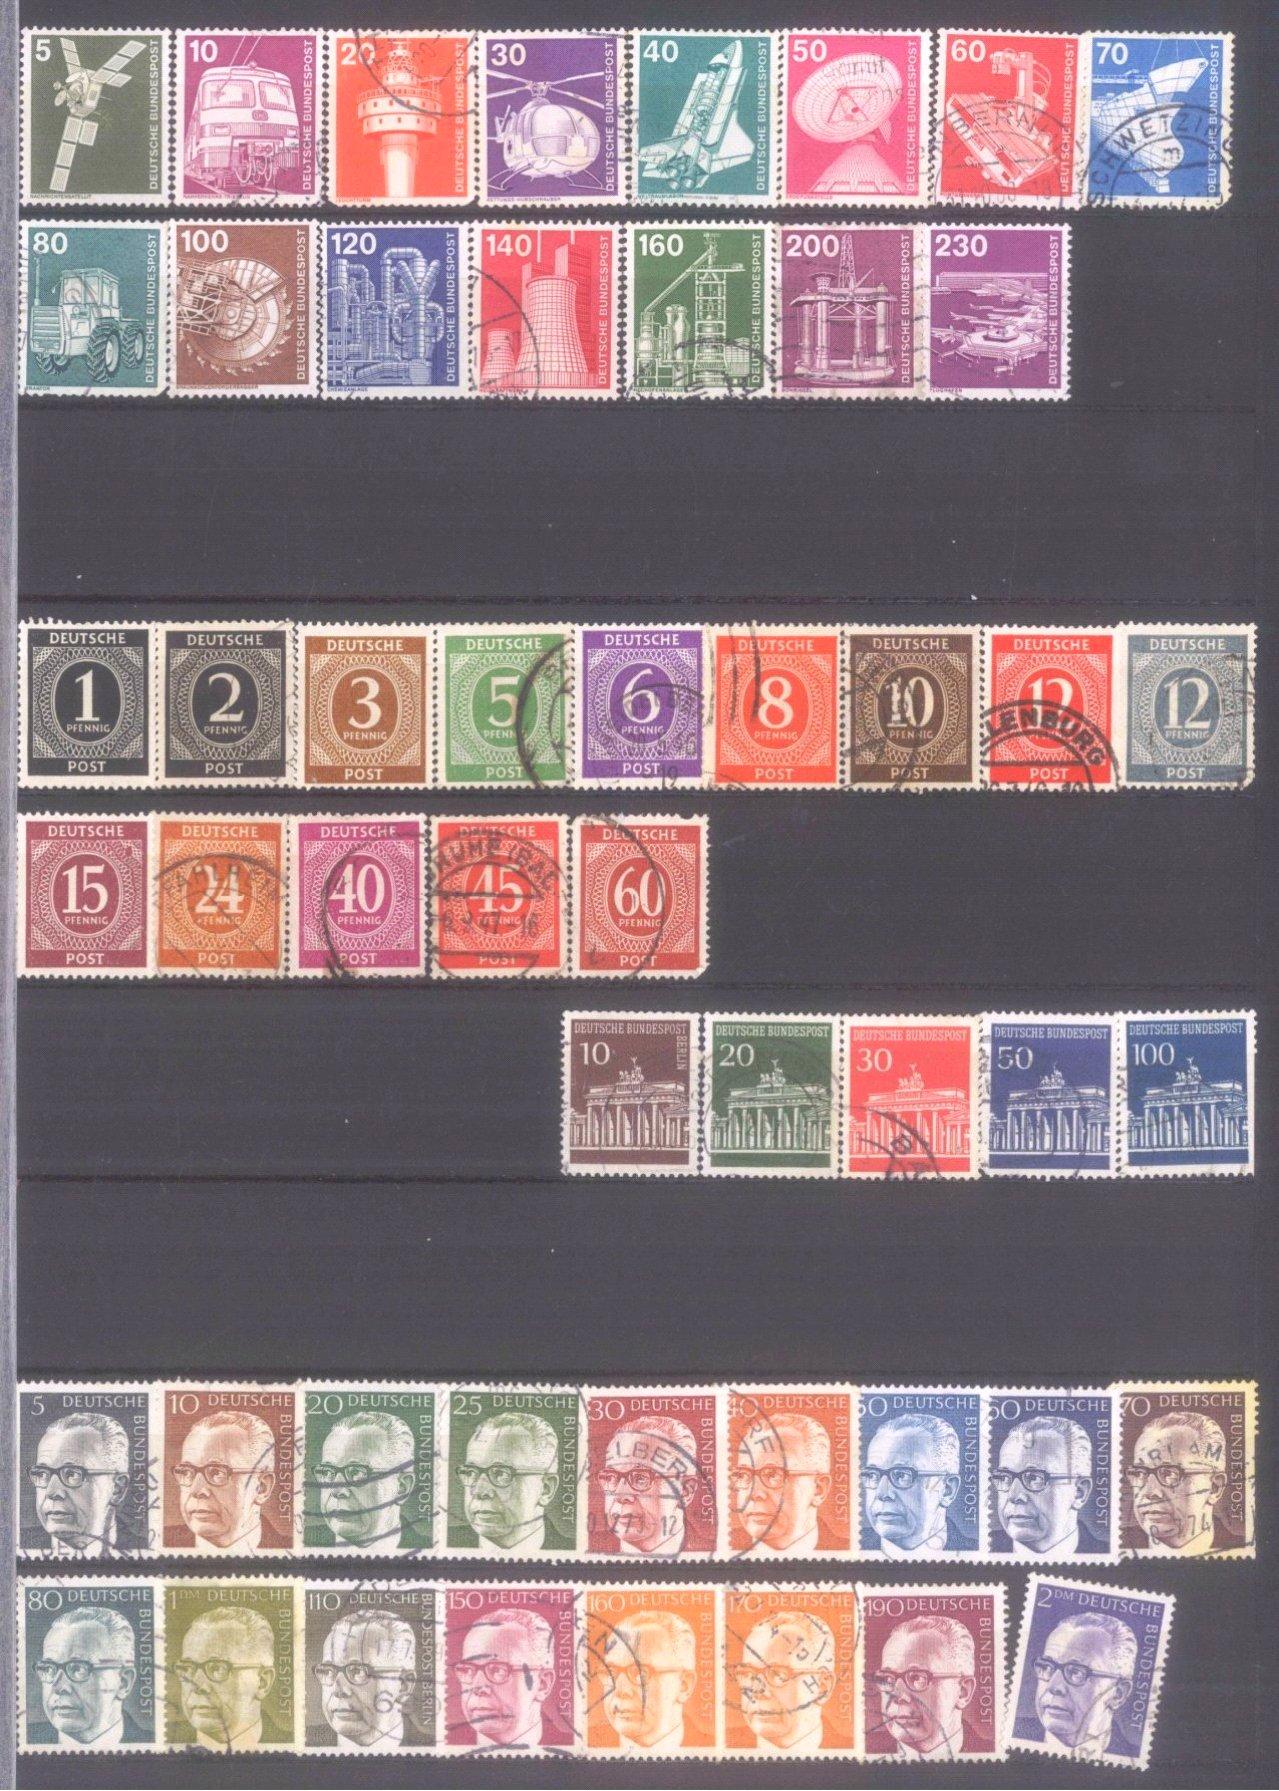 Kleiner Briefmarkennachlass Alle Welt-5